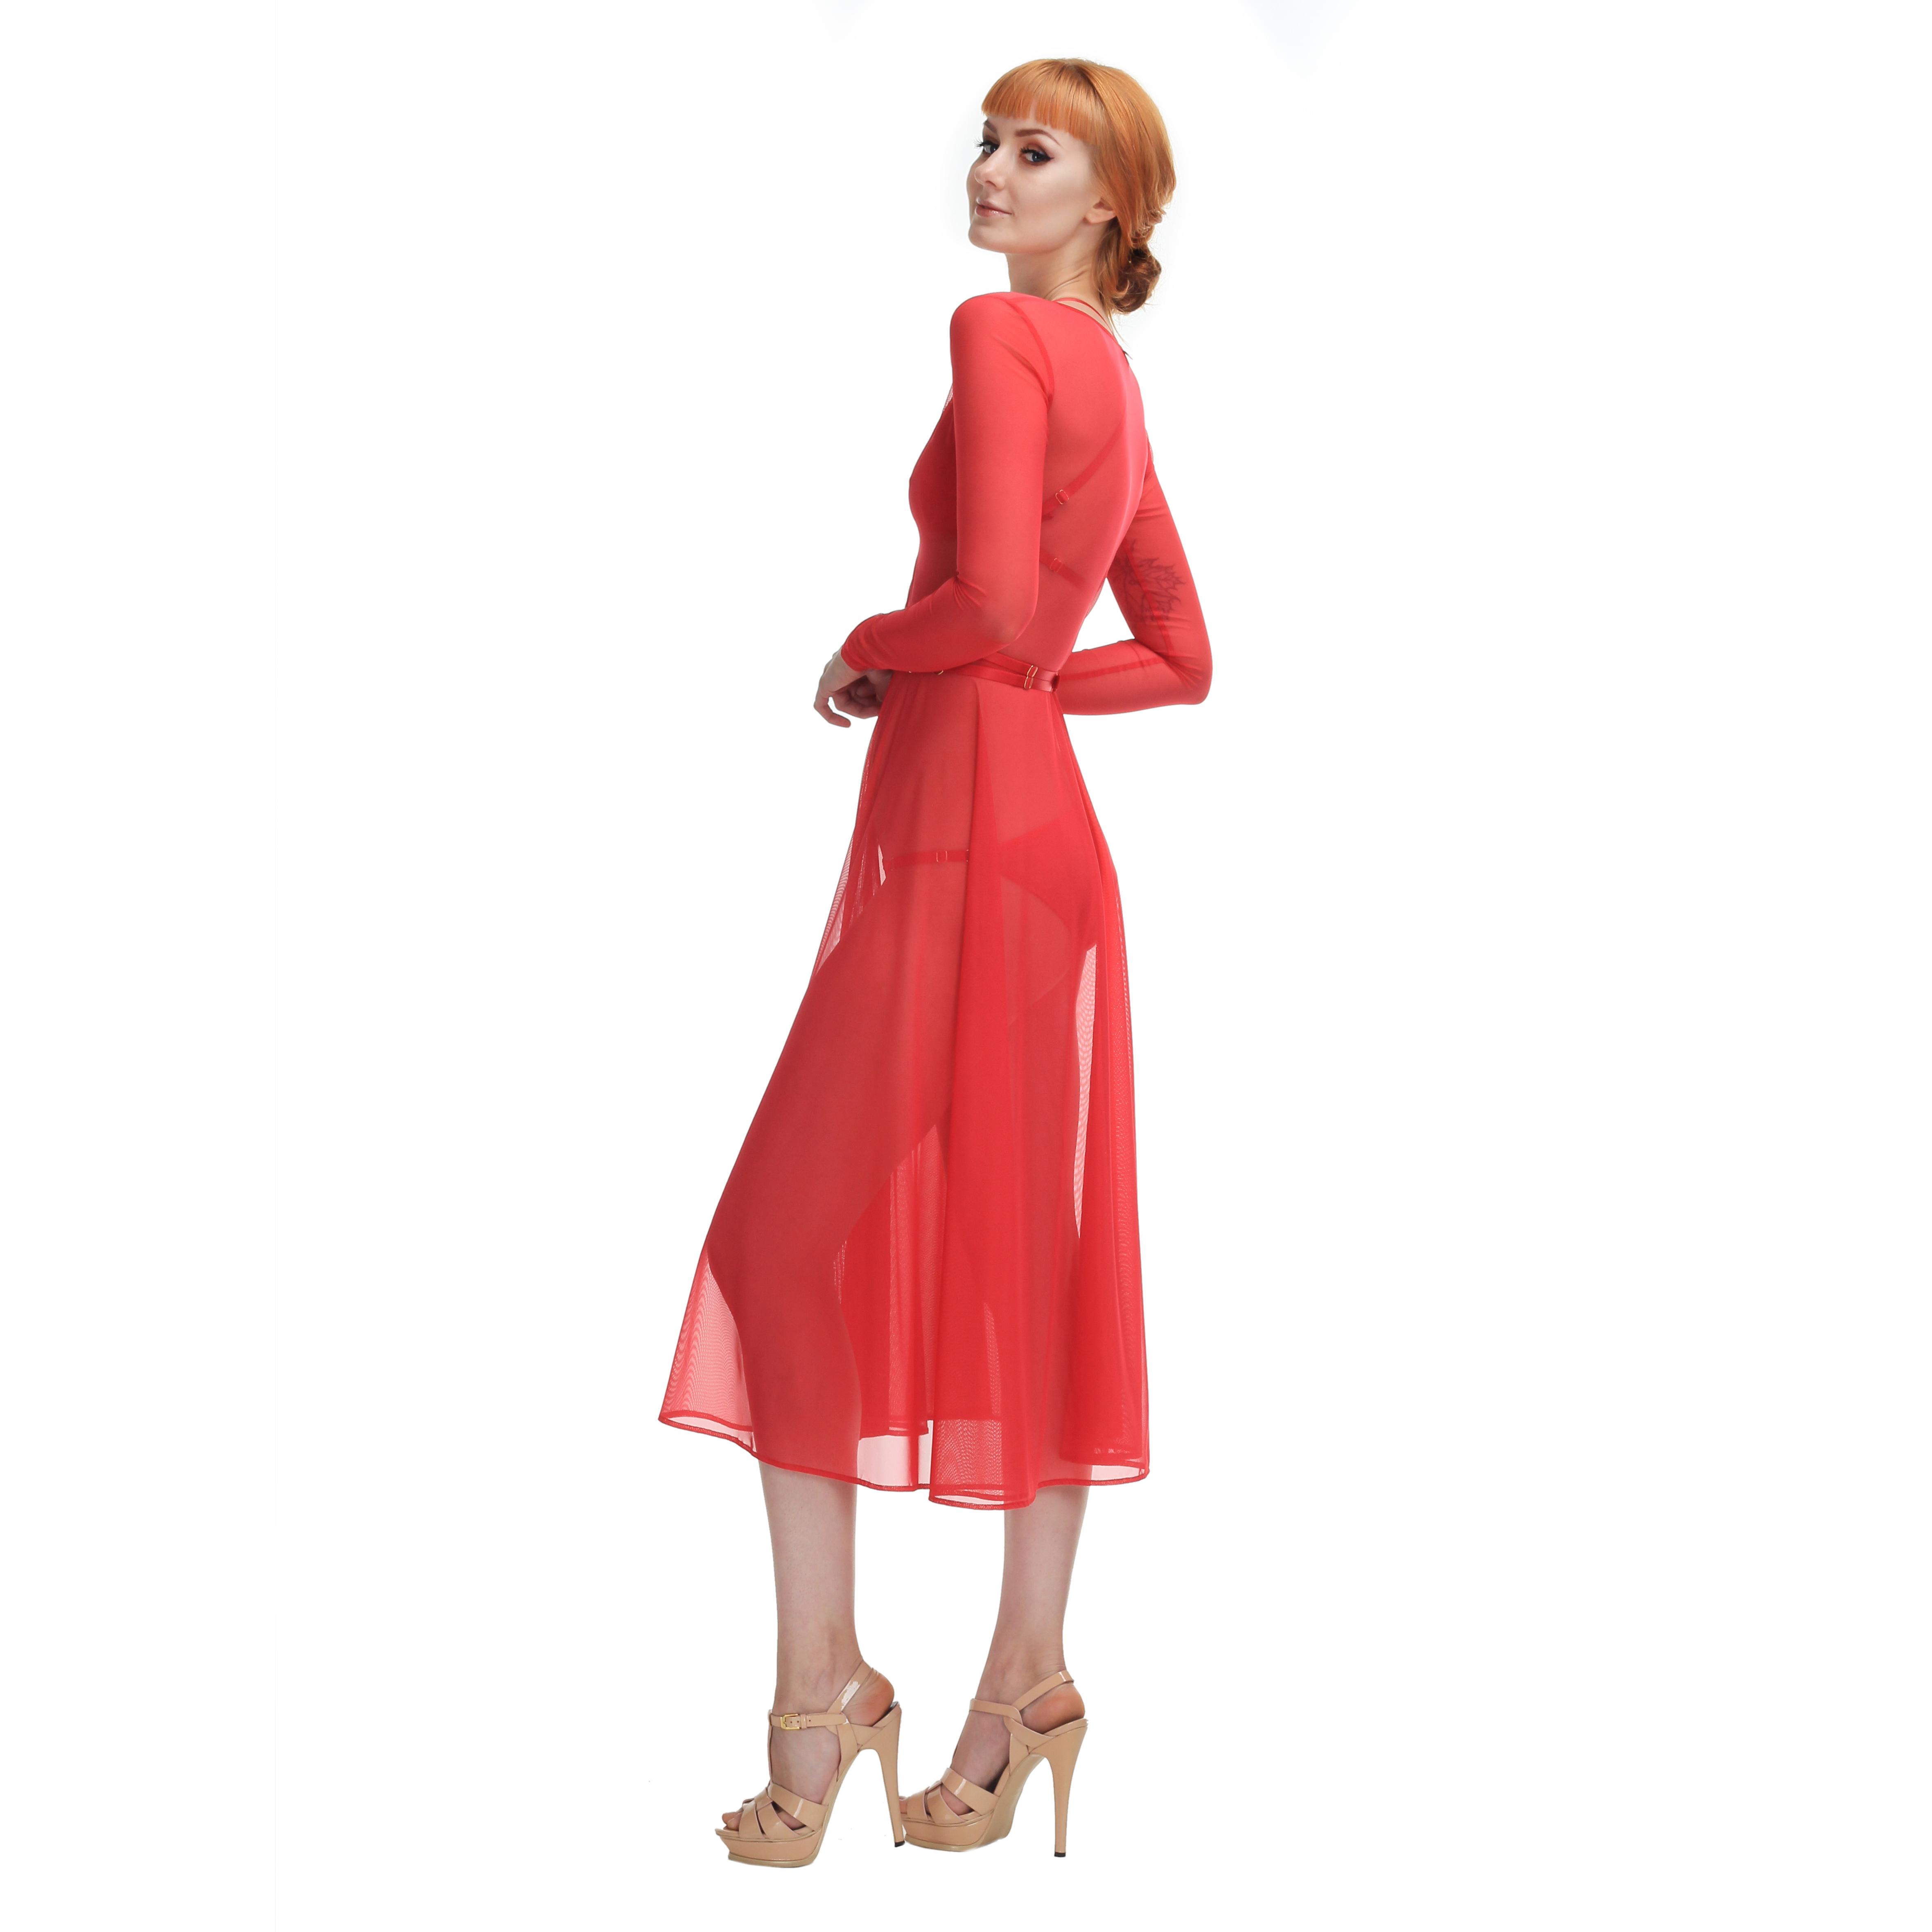 af1f5fc86ce Sheer Red Mesh Midi Dress